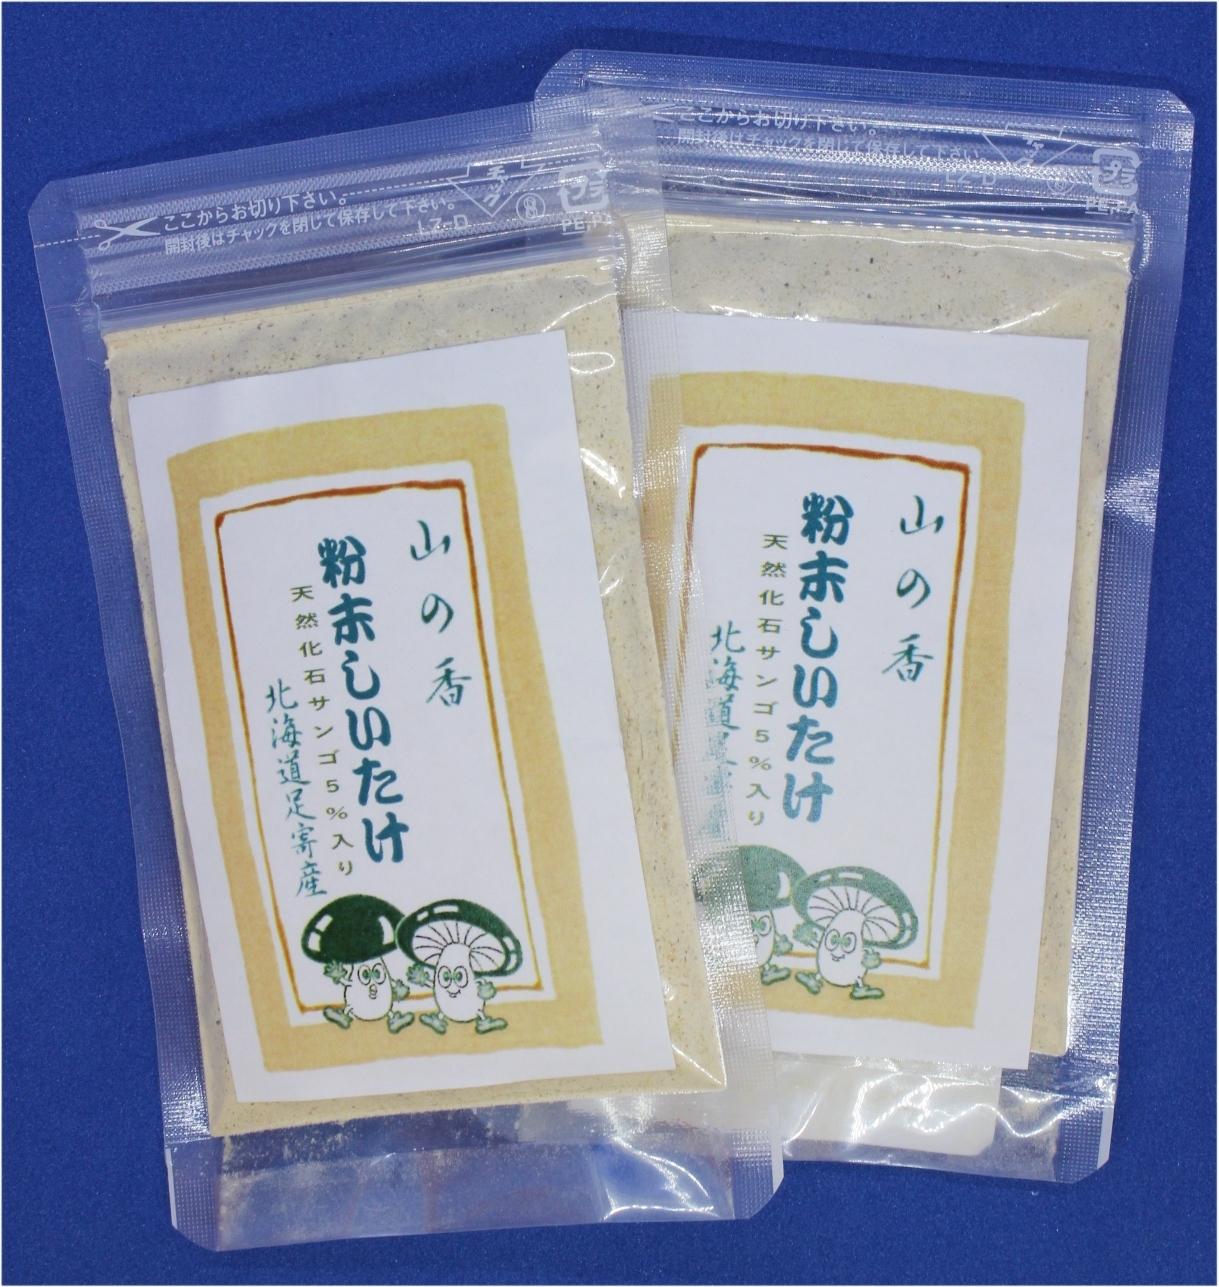 (株)アイザックス 粉末シイタケ20g(天然化石サンゴ5%入り)×2袋